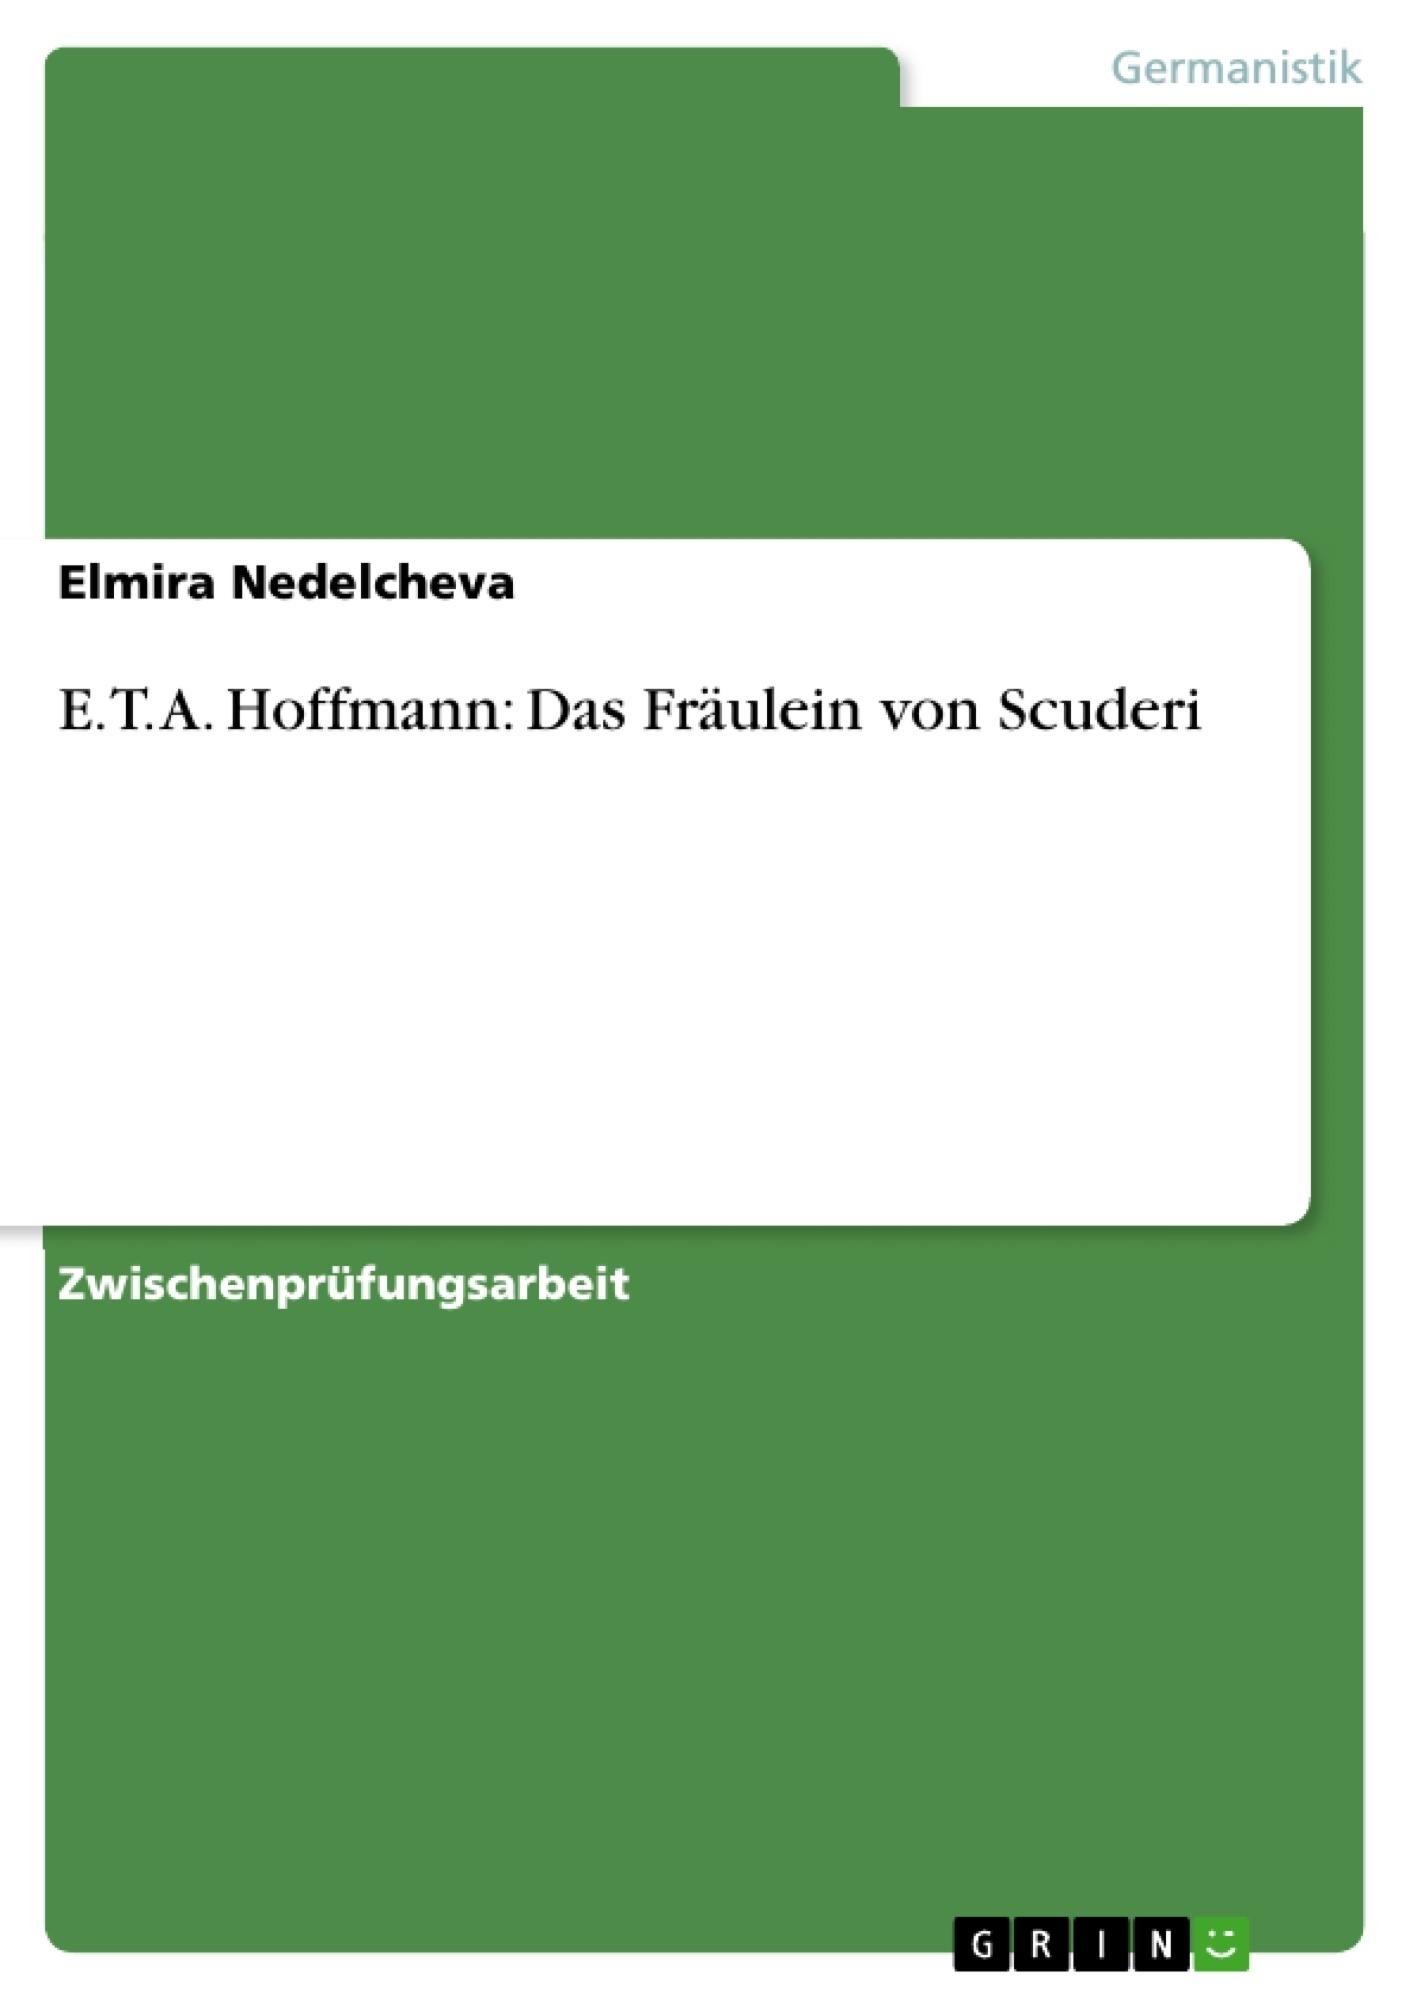 Titel: E. T. A. Hoffmann: Das Fräulein von Scuderi